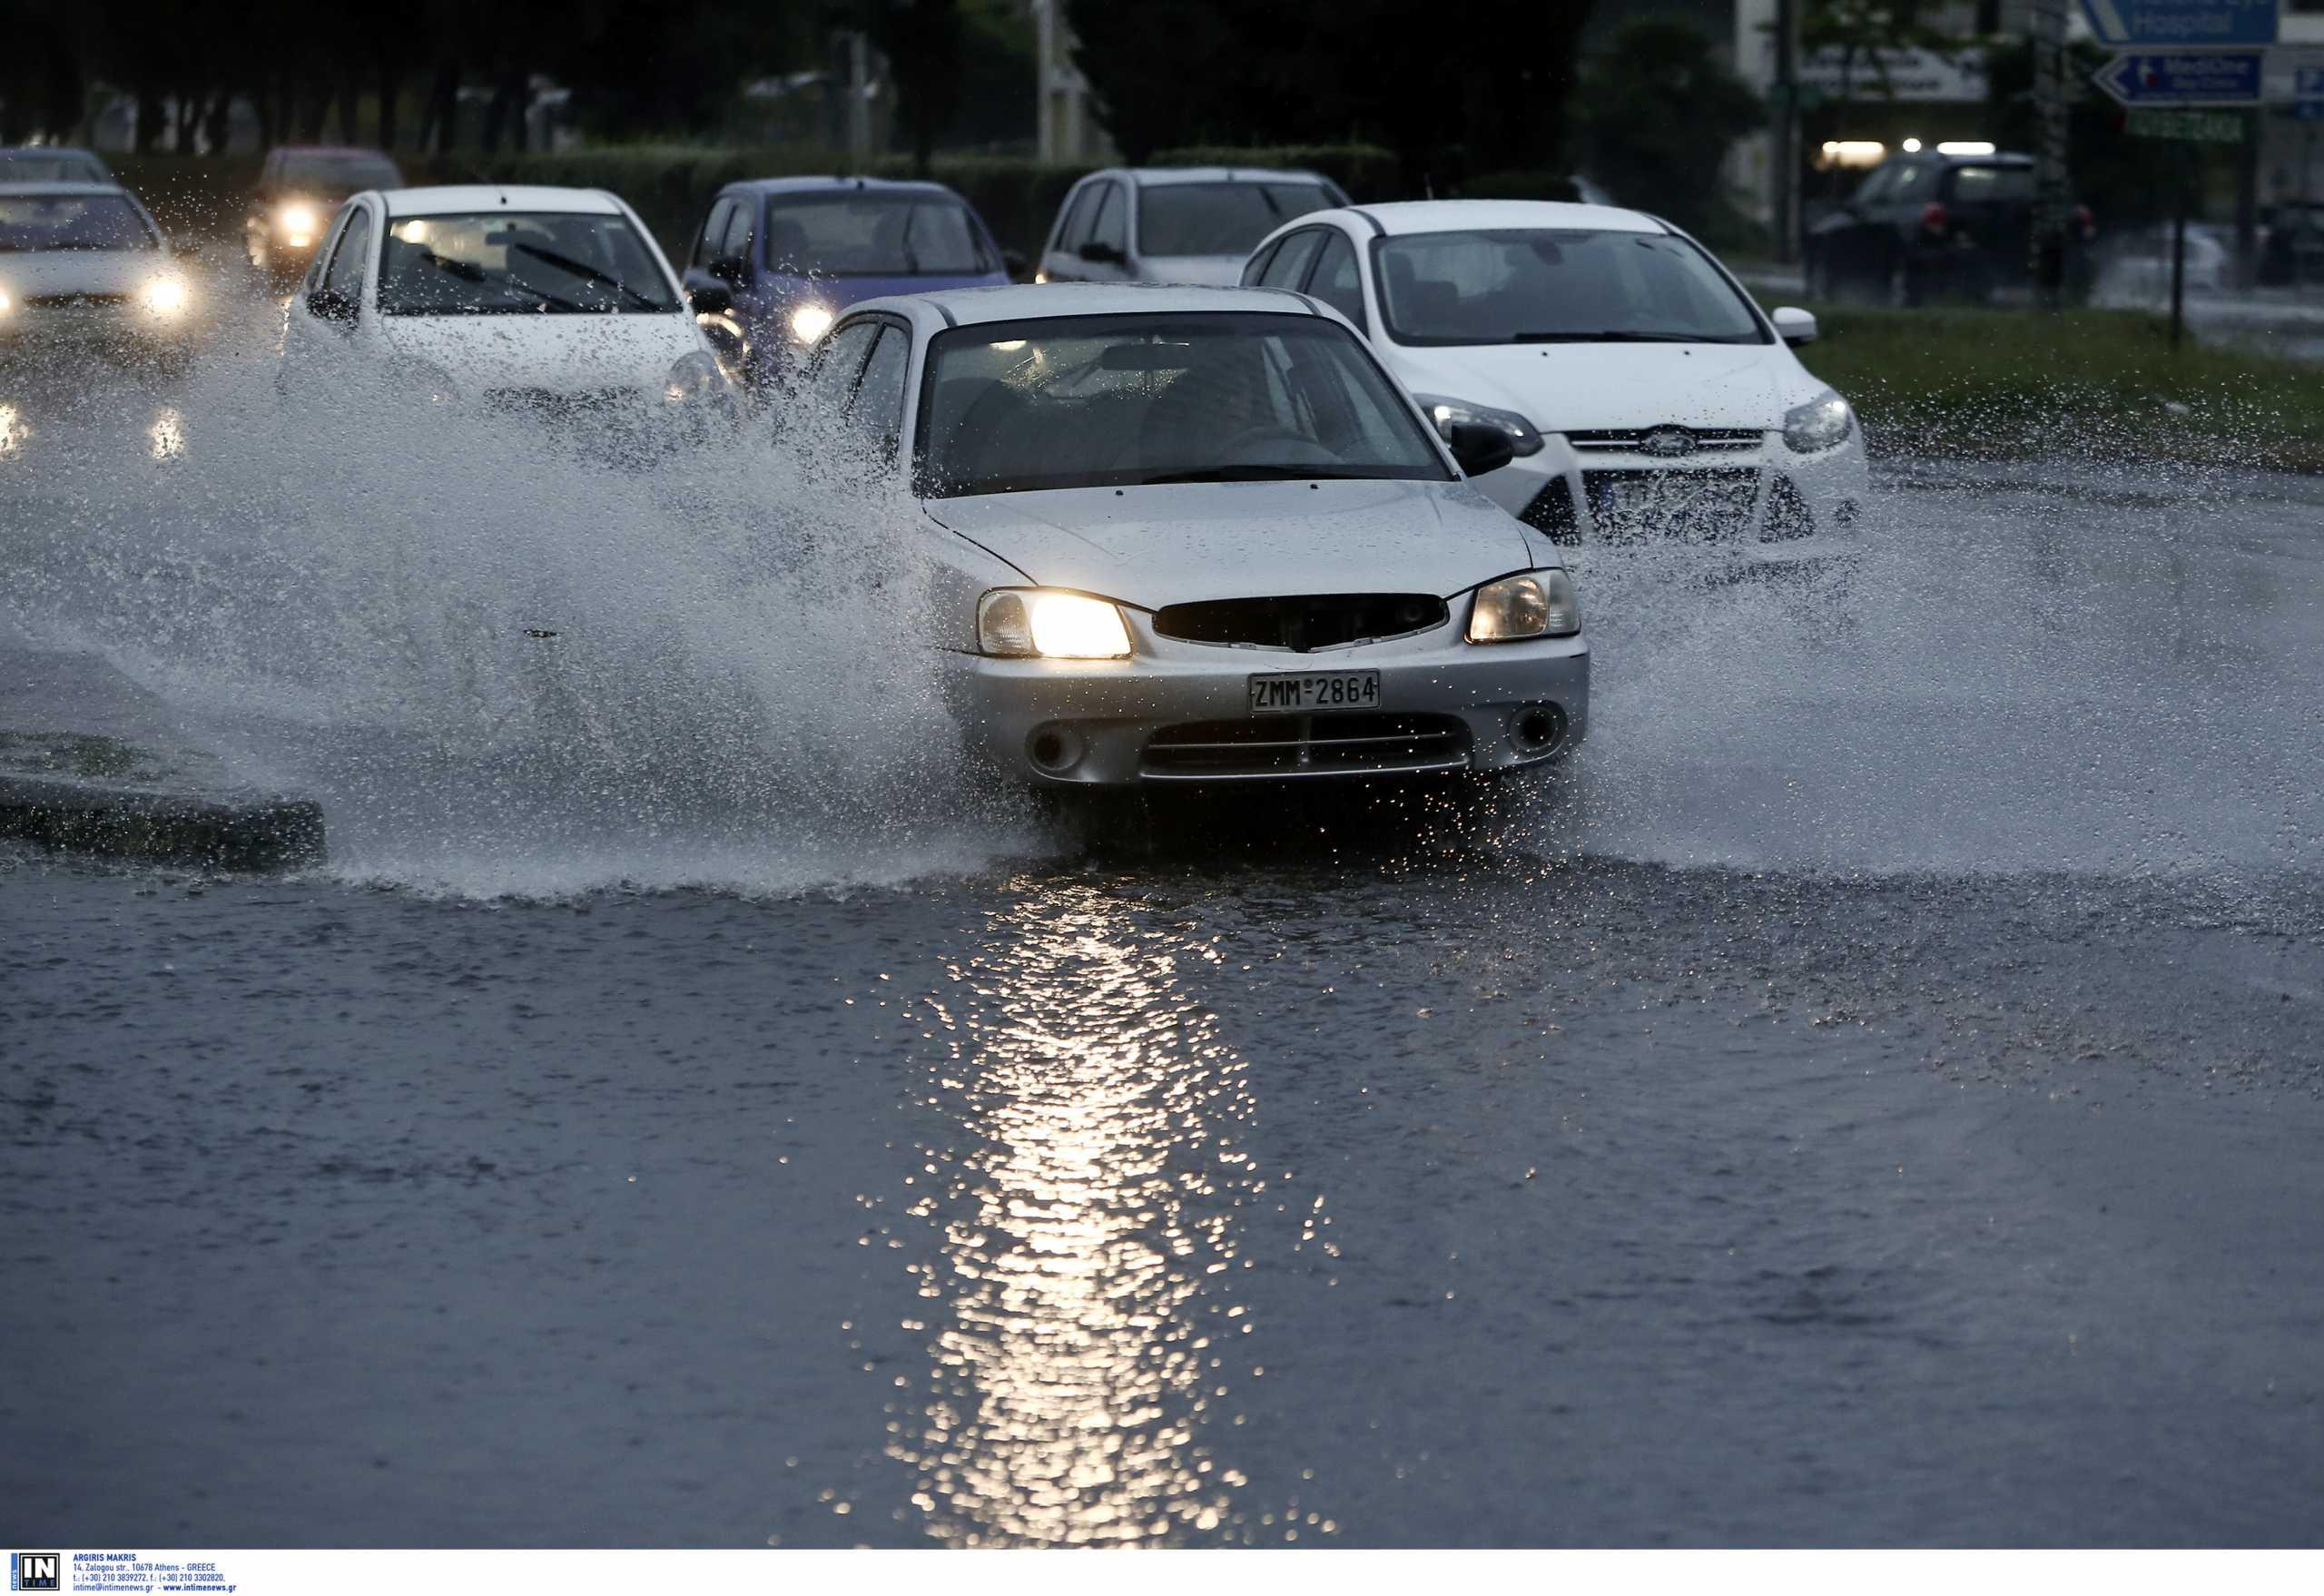 Κακοκαιρία «Μπάλλος»: Τι πρέπει να προσέχουν οι οδηγοί στα ακραία καιρικά φαινόμενα